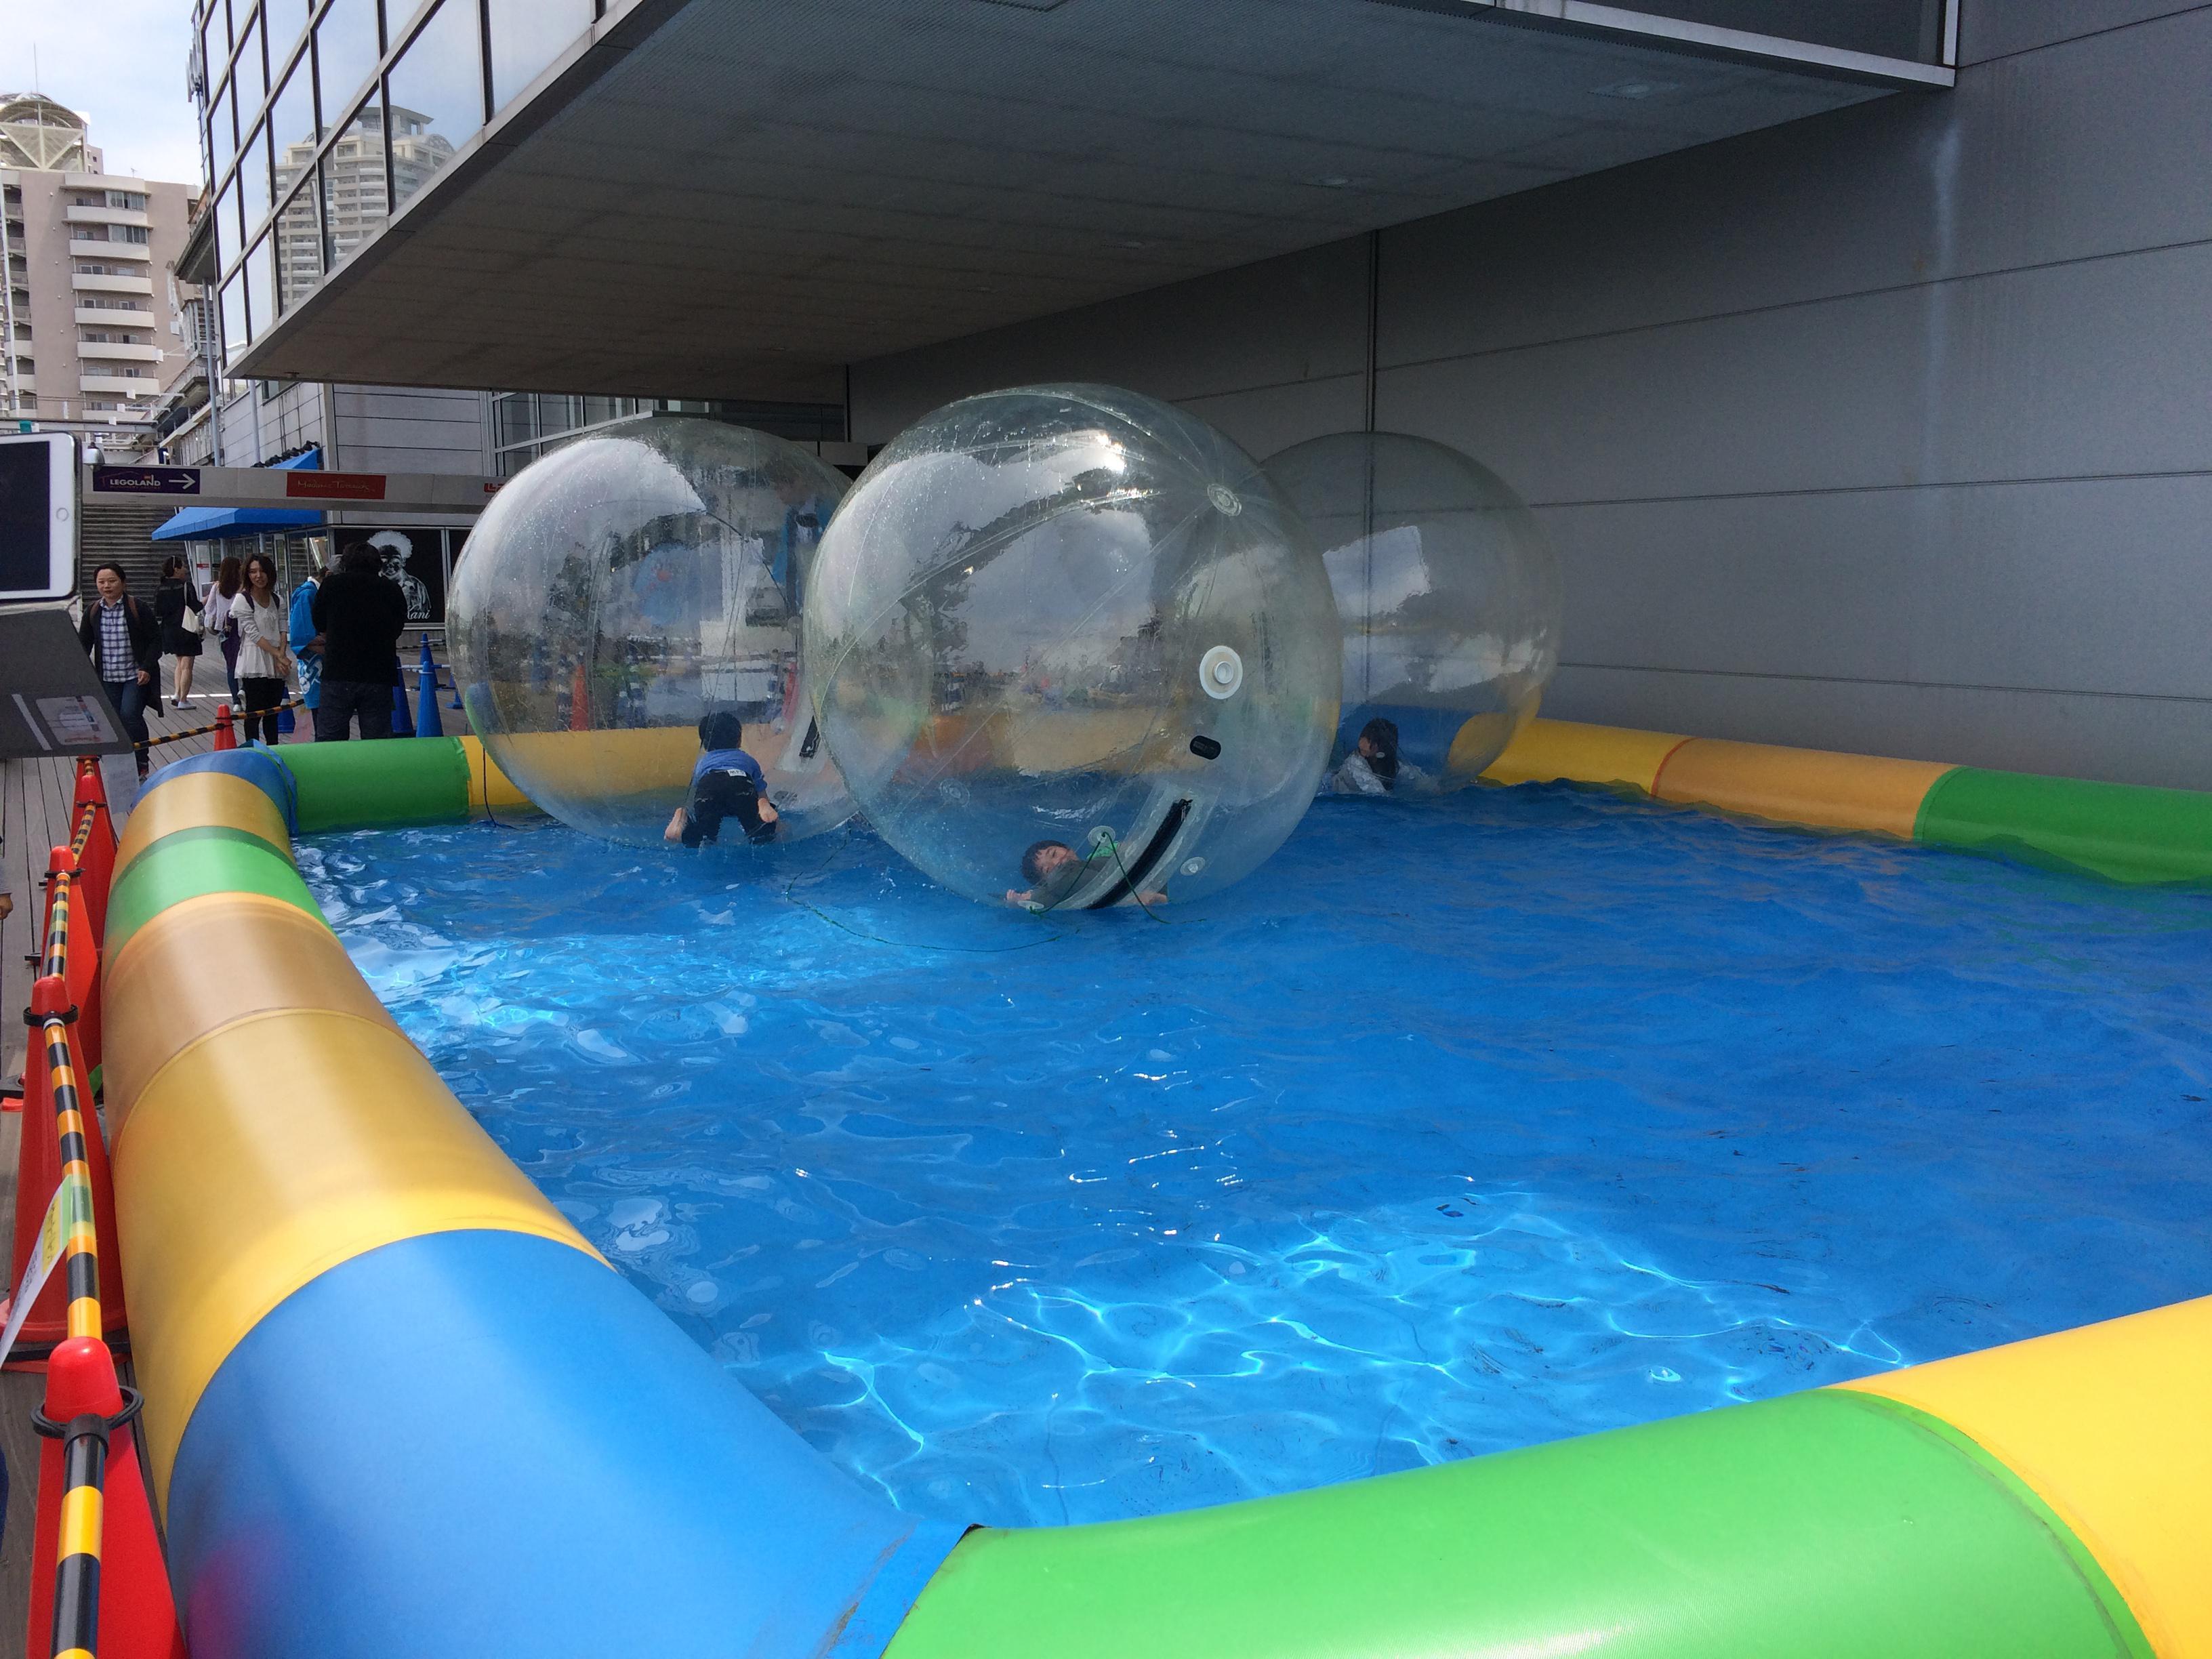 ボールの中に入って、水の上で遊ぶ体験型バルーンが登場!